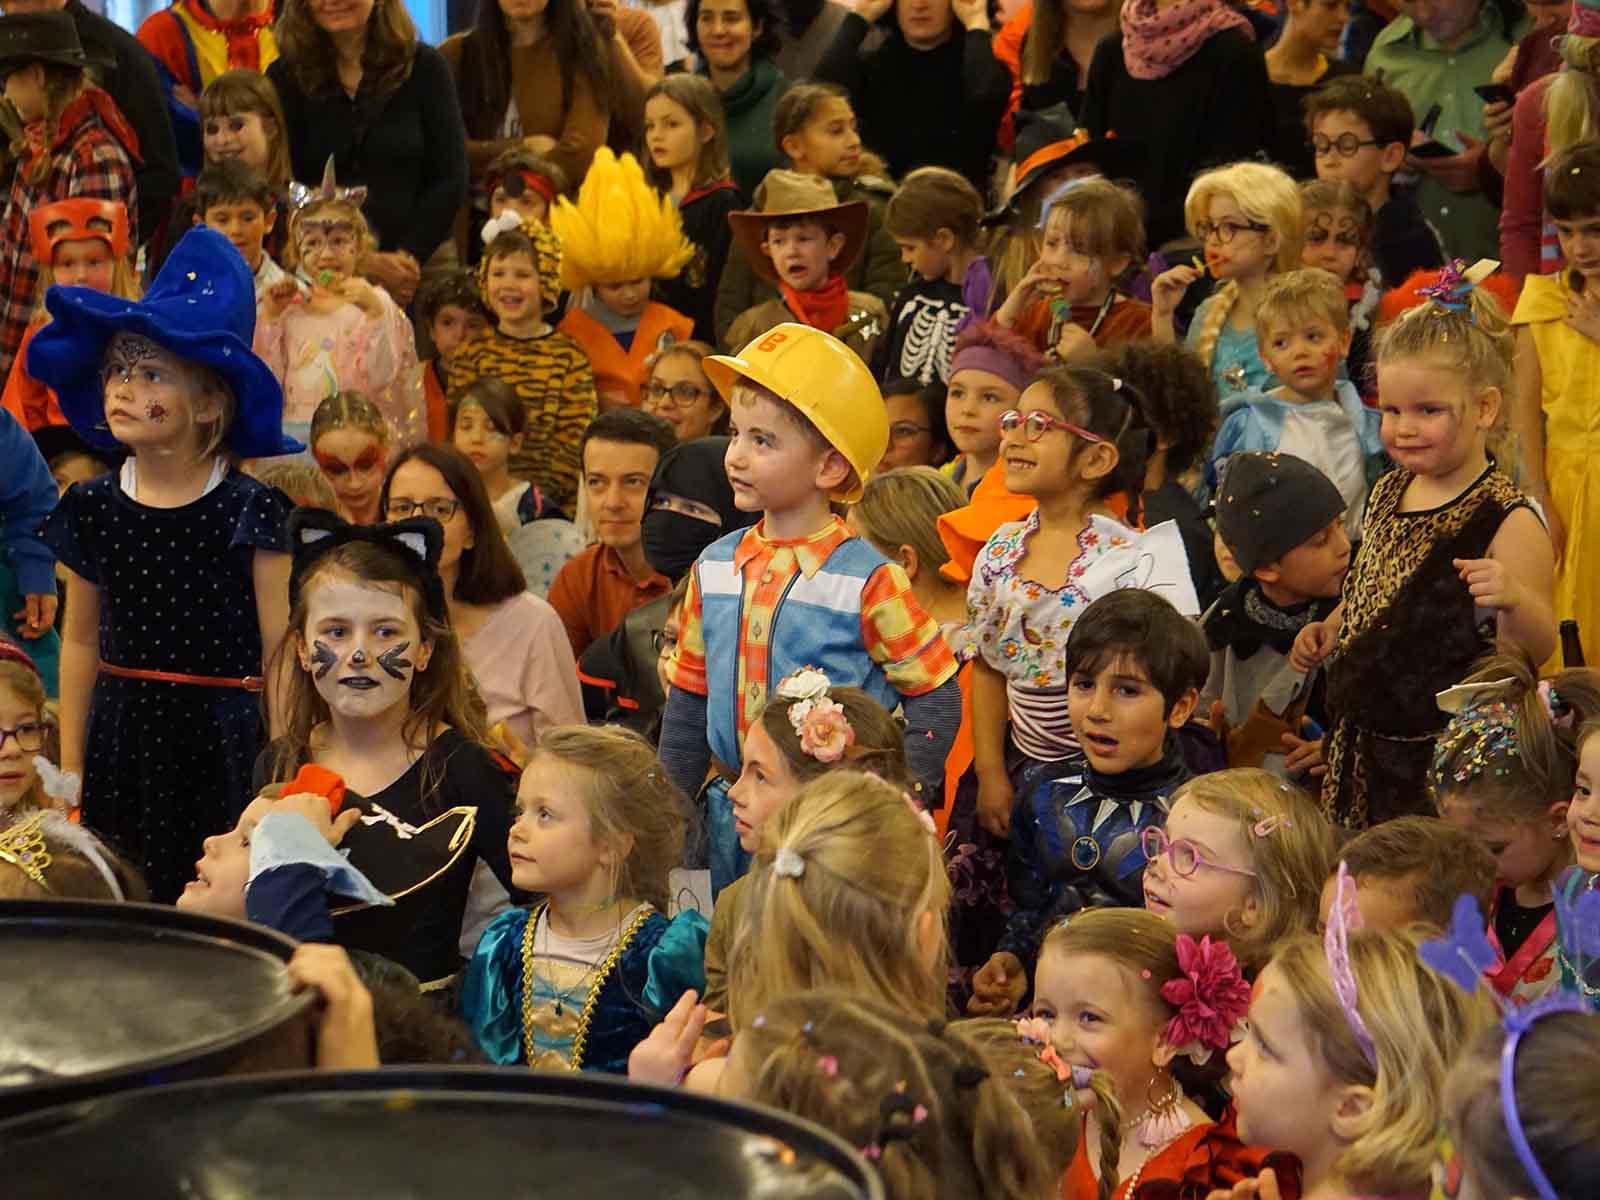 Der Dschungel der Verkleidungen – von Bob der Baumeister über Prinzessinnen bis hin zu Zombies nahm alles an der Kinderfasnacht teil.